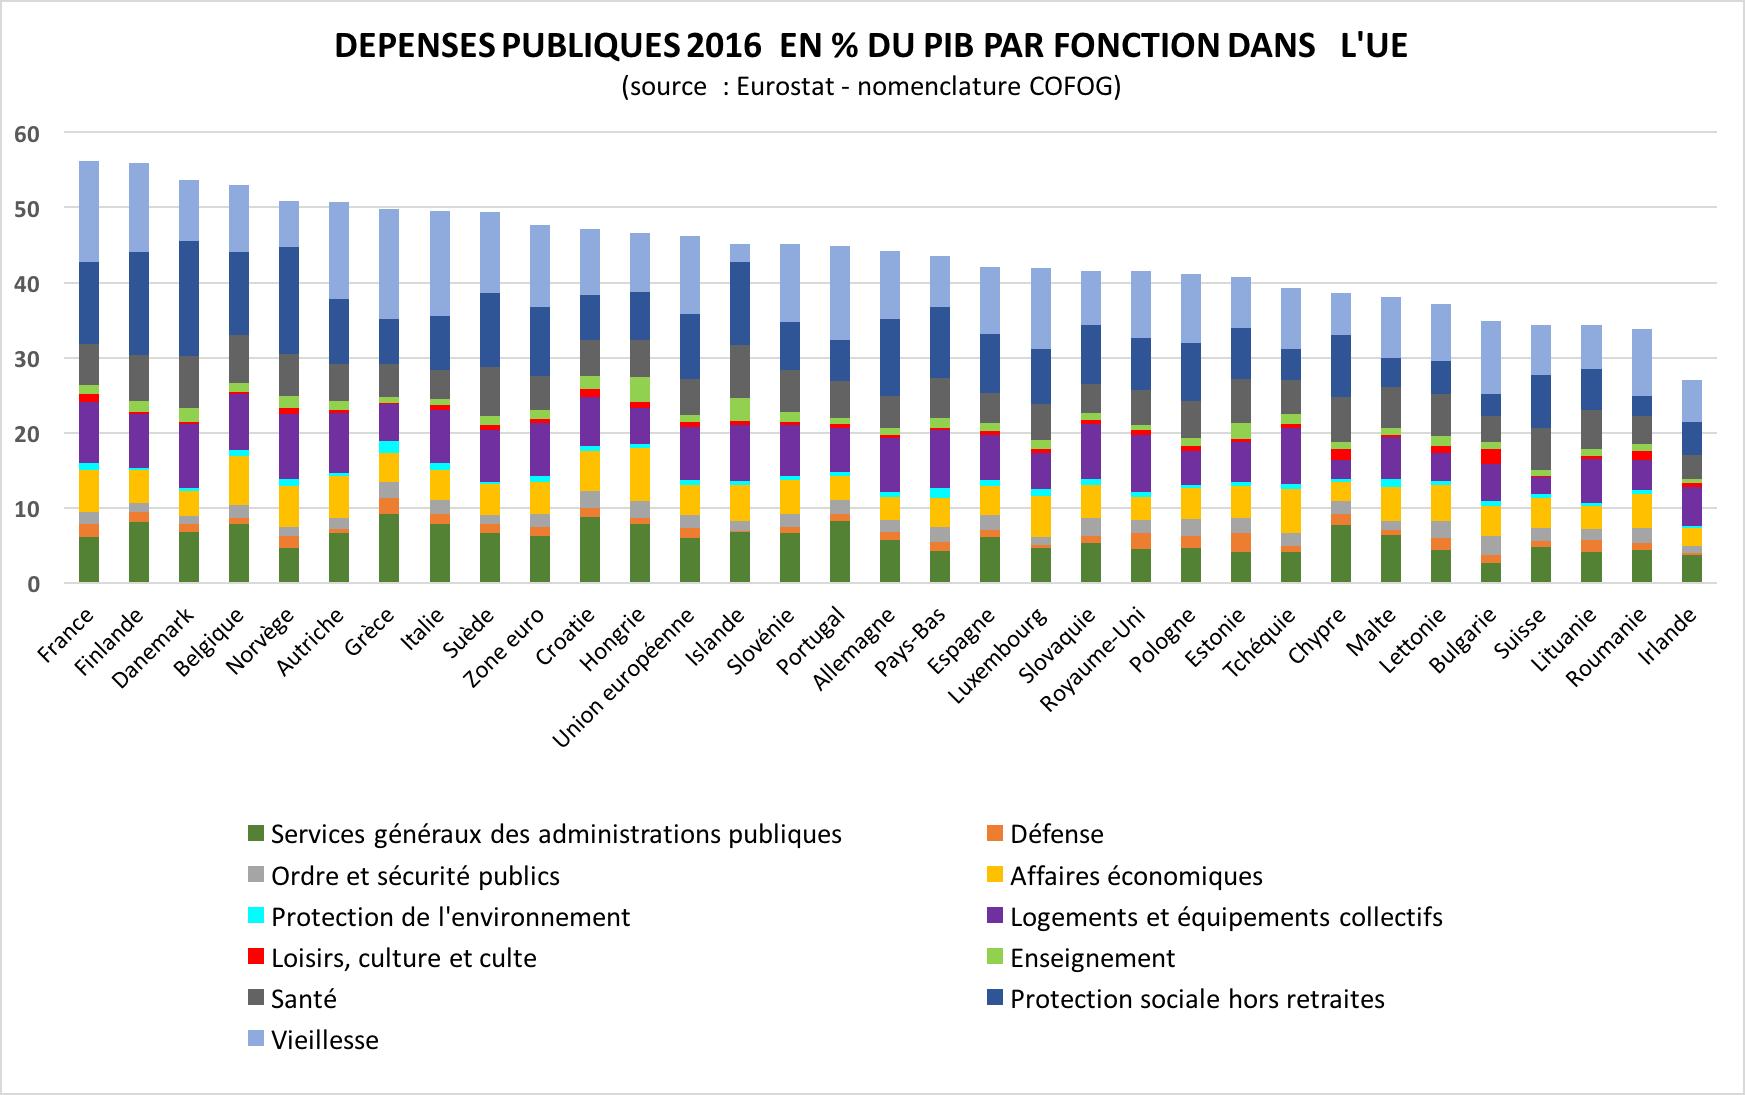 depenses-publiques-ue-pib-2016